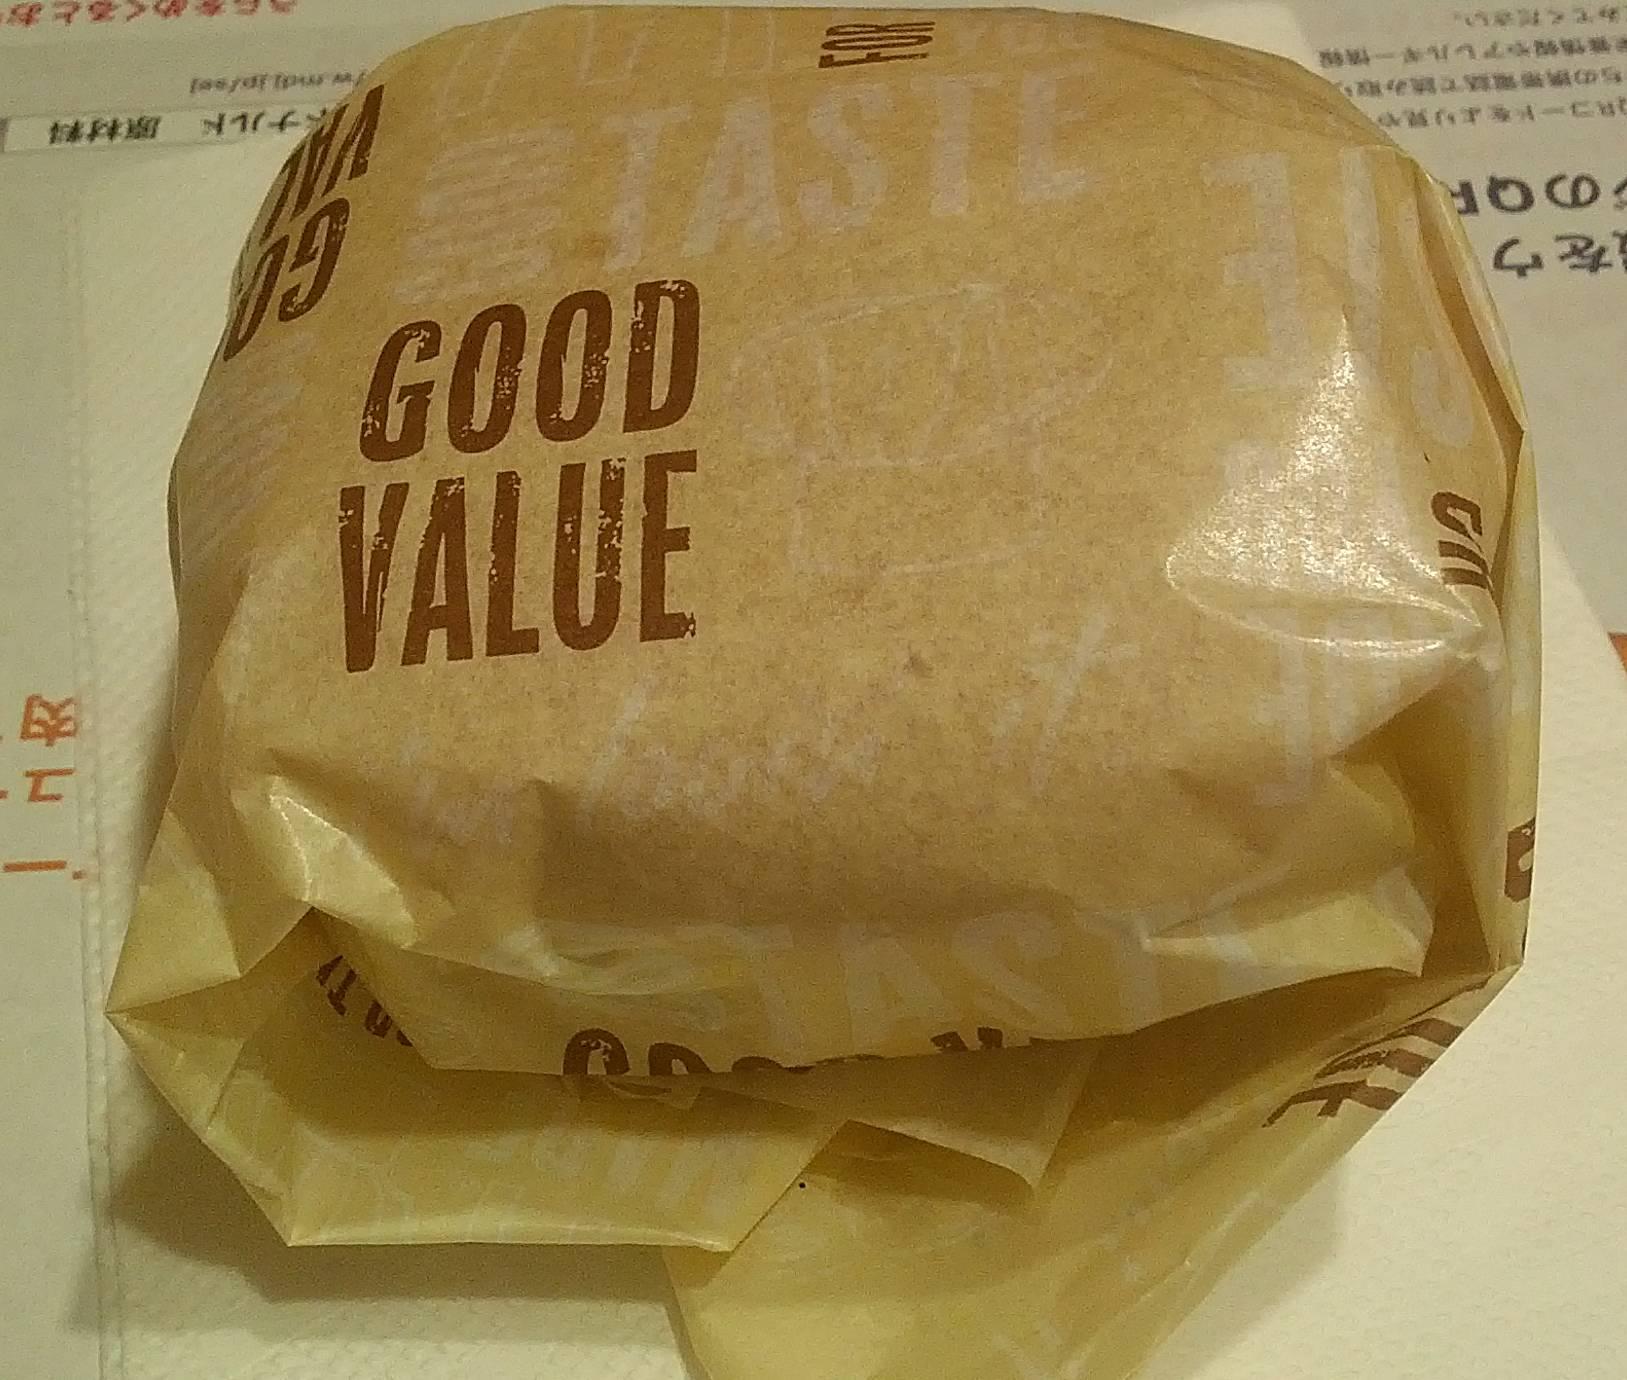 マクドナルド おてごろマック エッグチーズバーガー